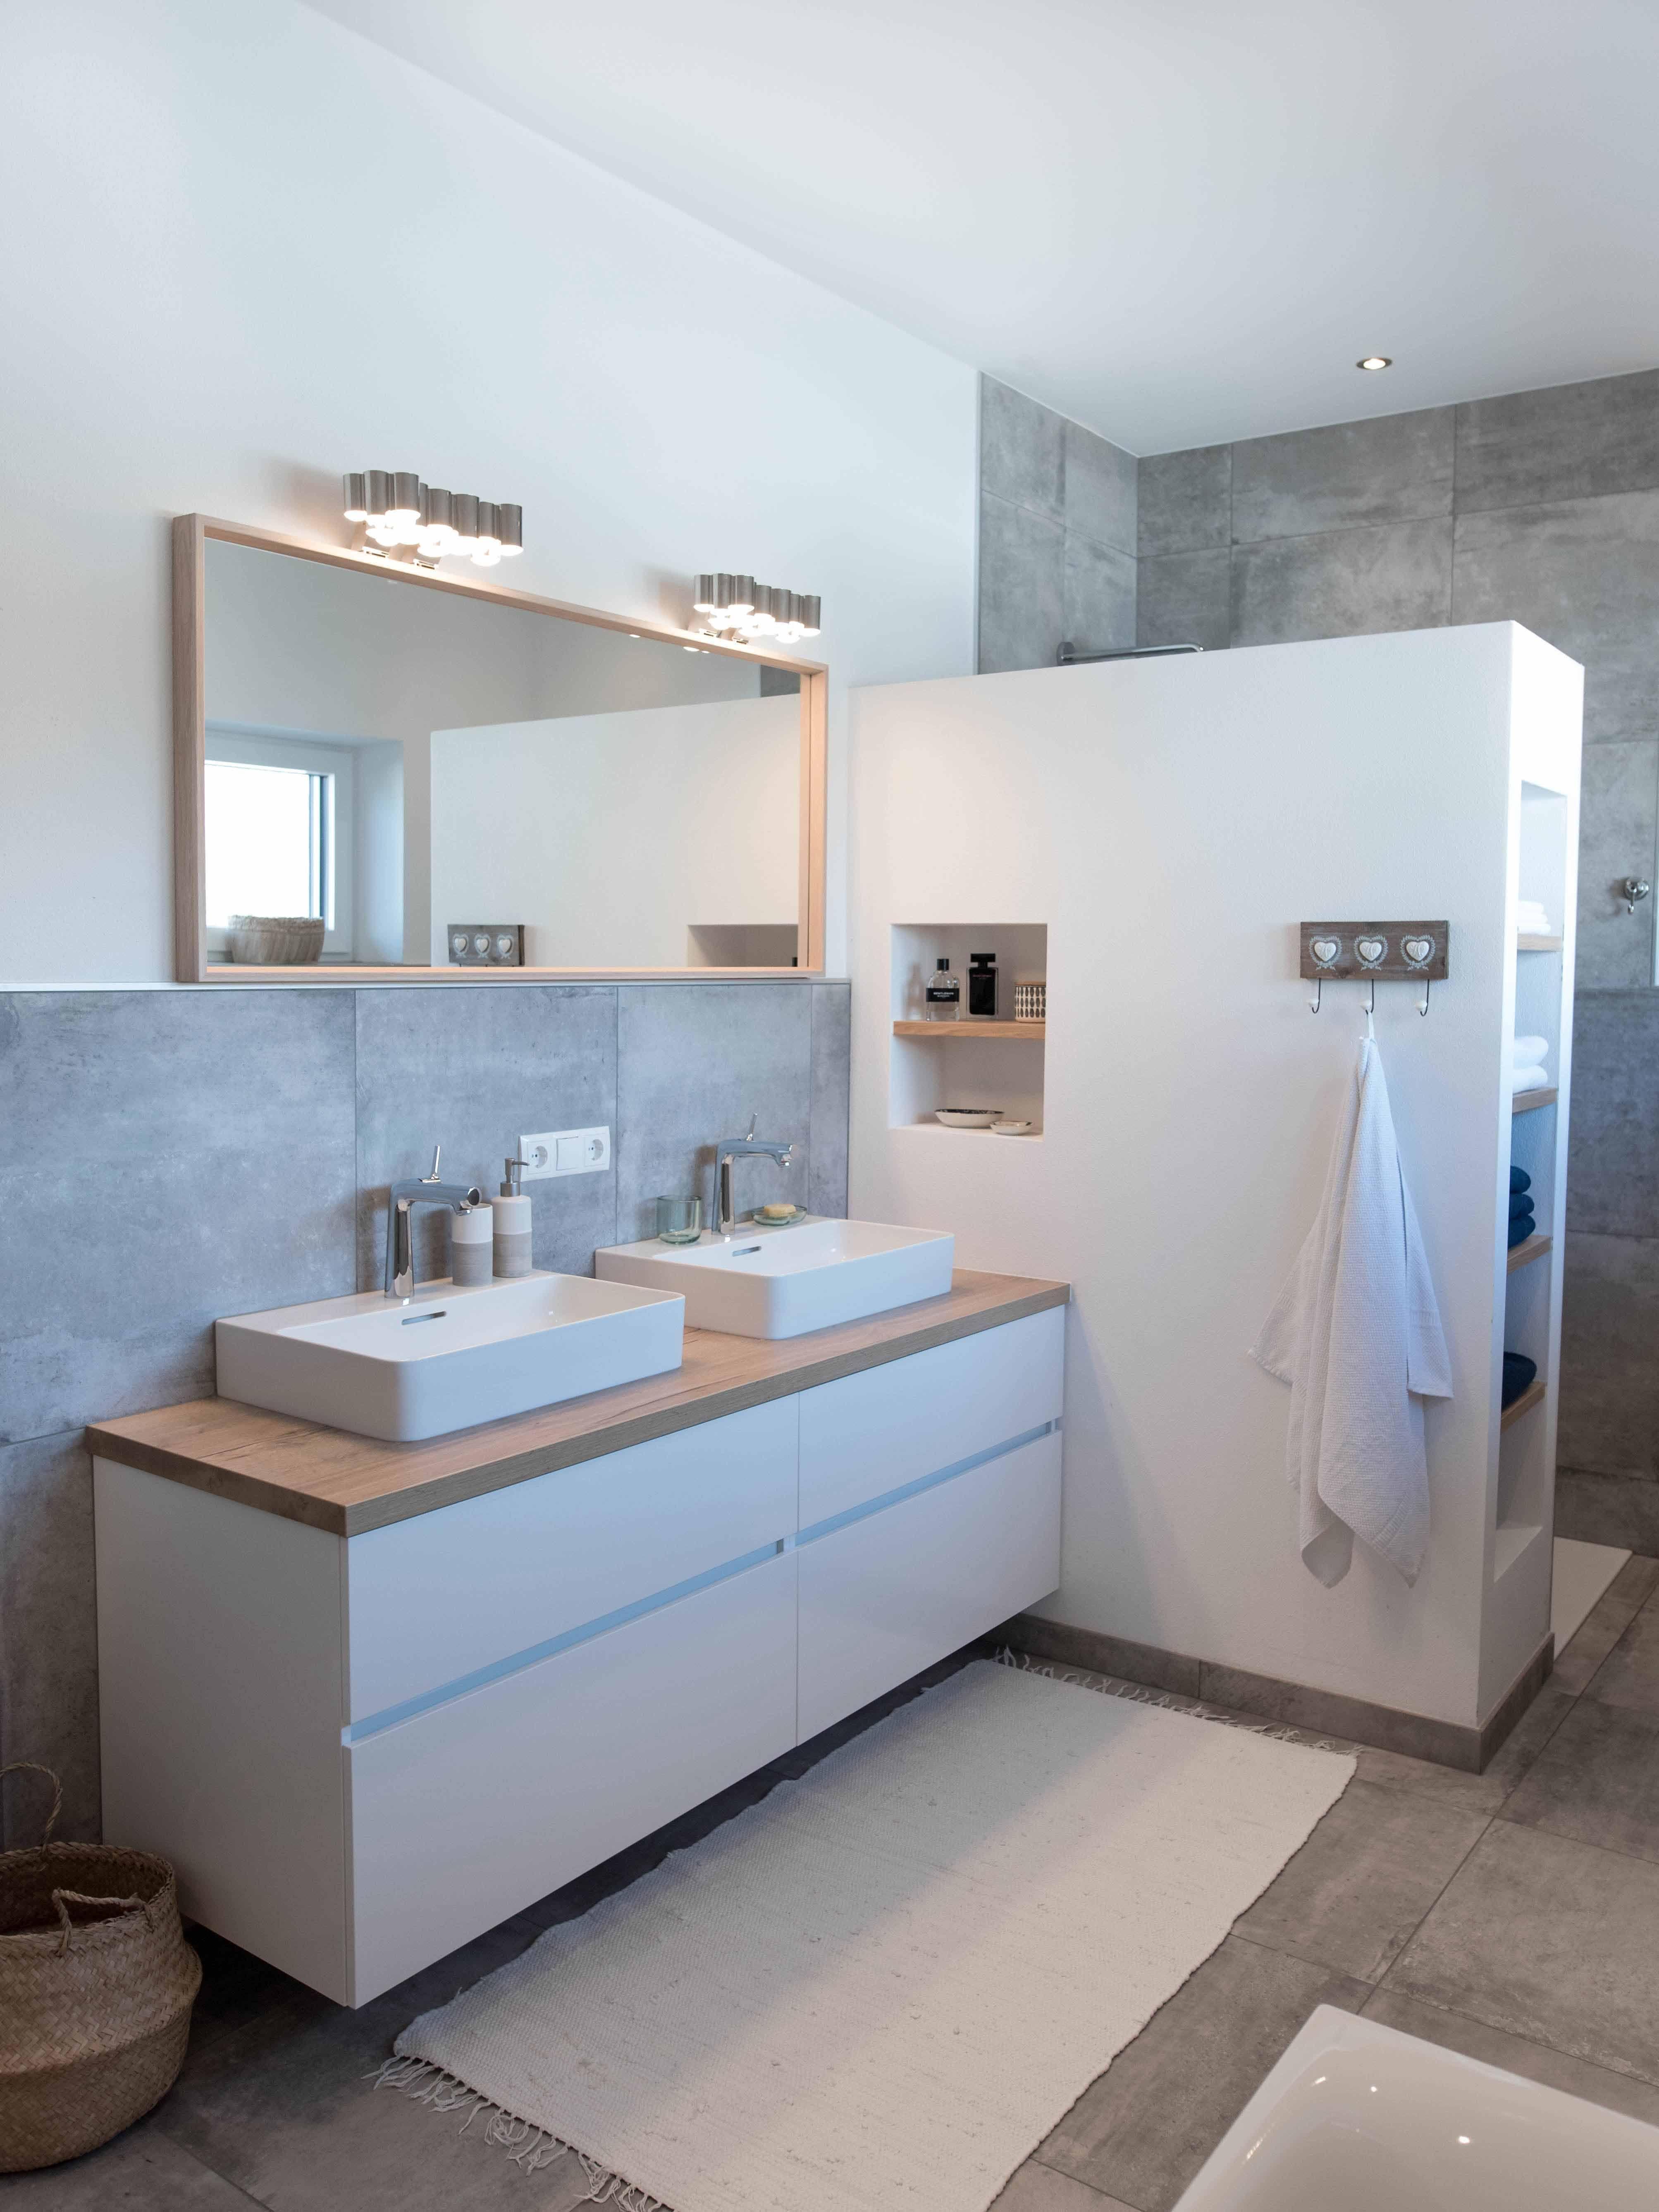 Inspirieren Lassen Auf Badezimmer Umbau Minimalistisches Badezimmer Badezimmer